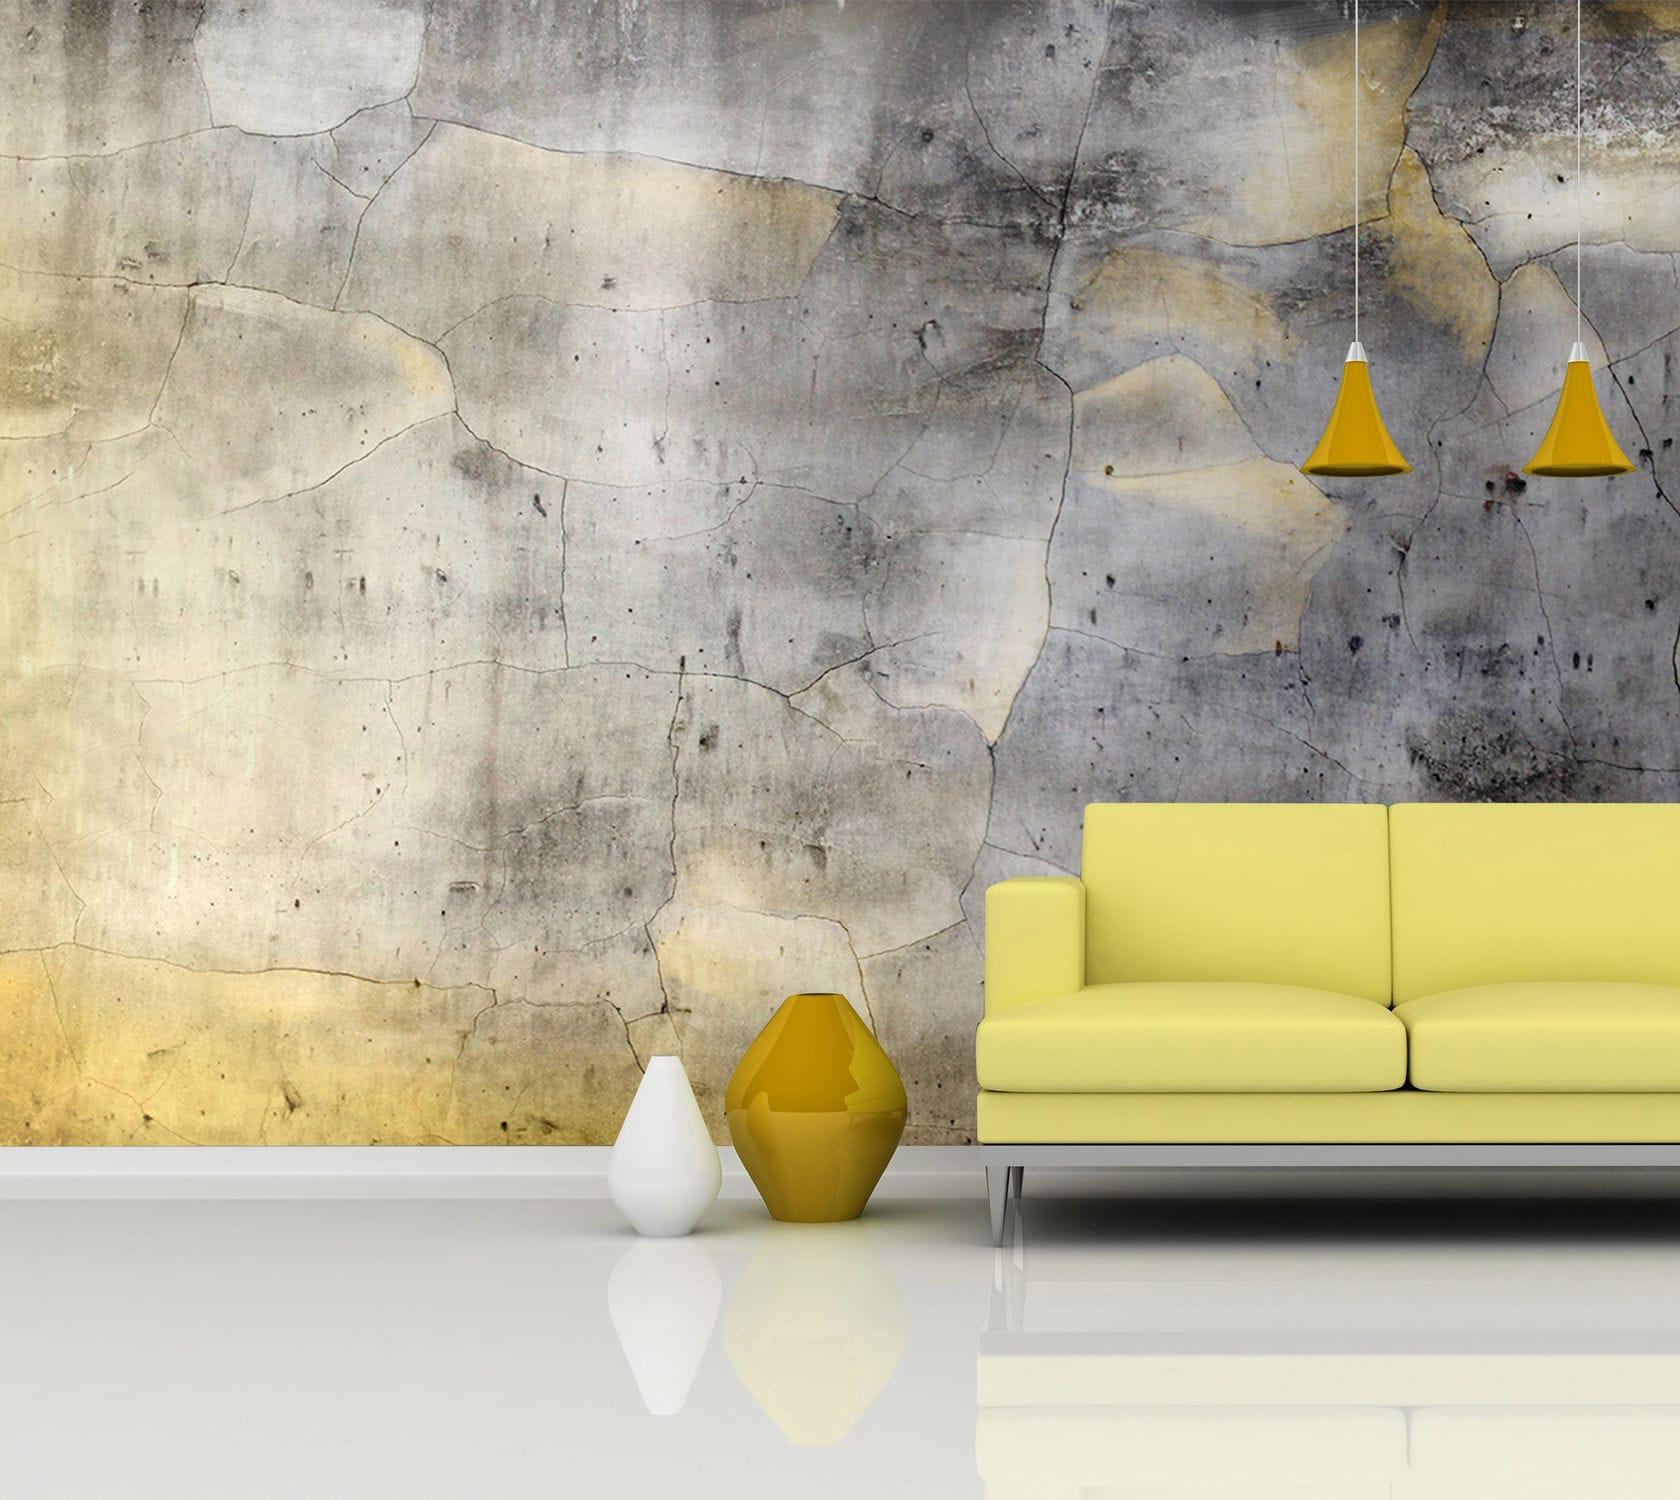 moderne tapete / mit städtischen motiven / betonoptik - bm181 gold 2